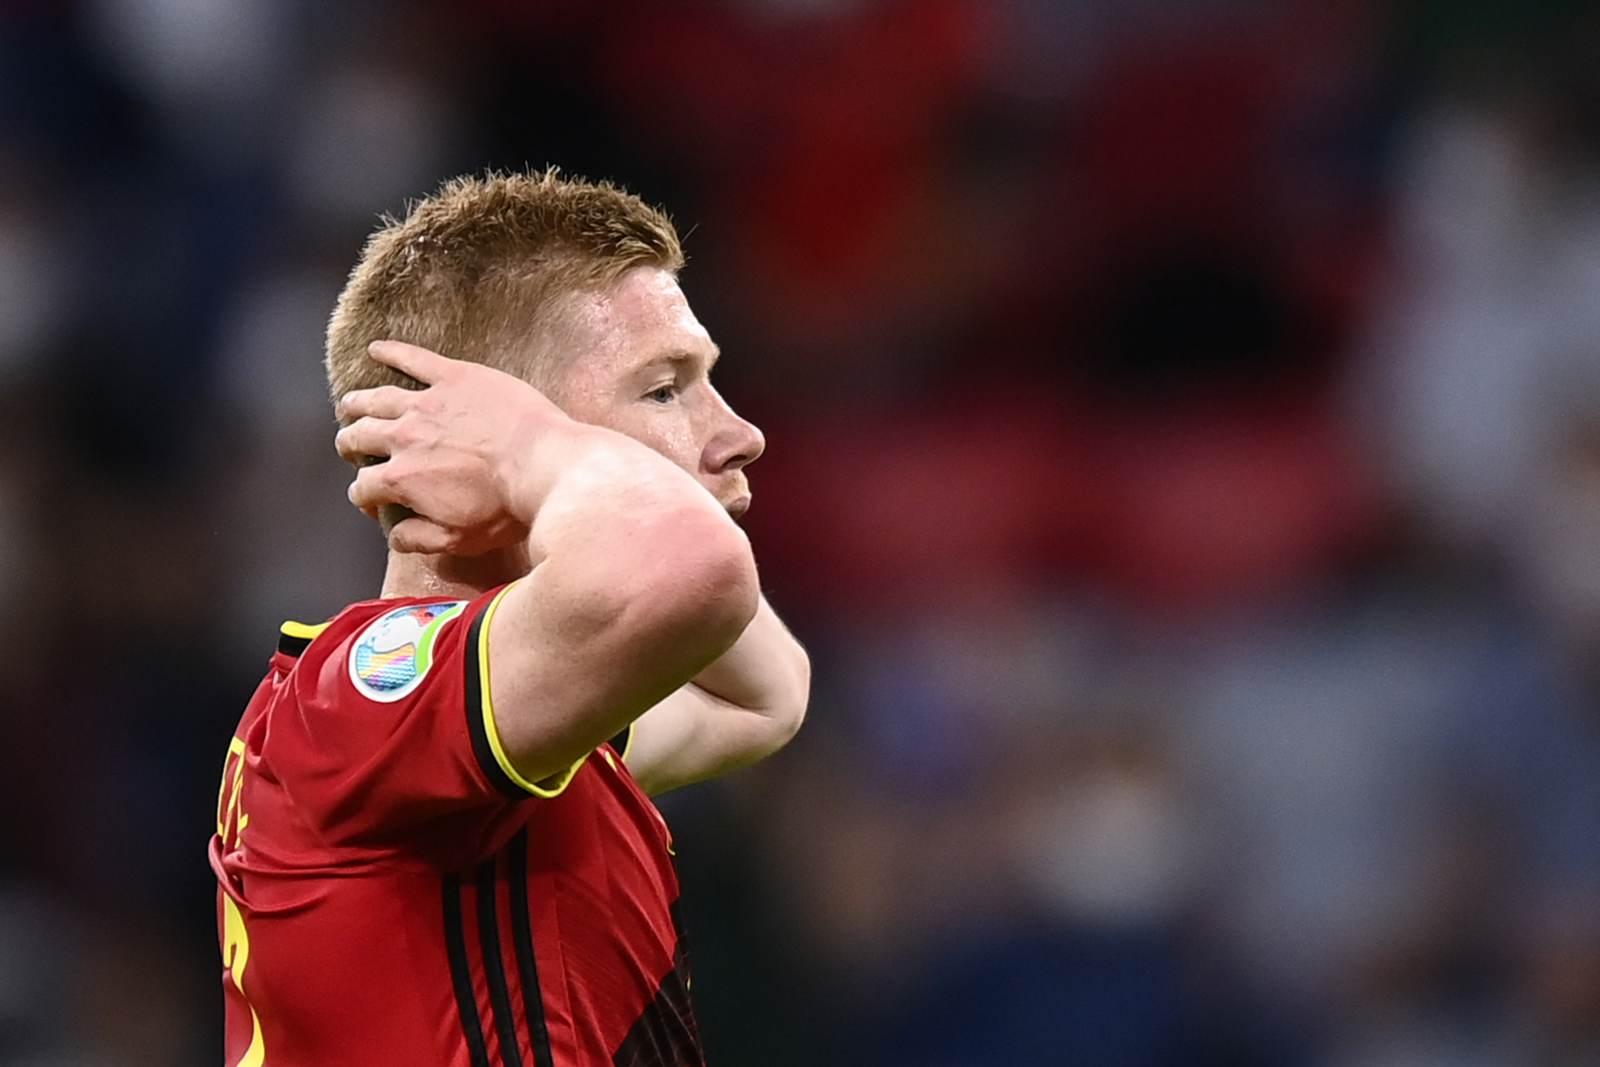 Де Брёйне: «Мы «всего лишь» Бельгия, у Италии и Франции по 22 топ-игрока»